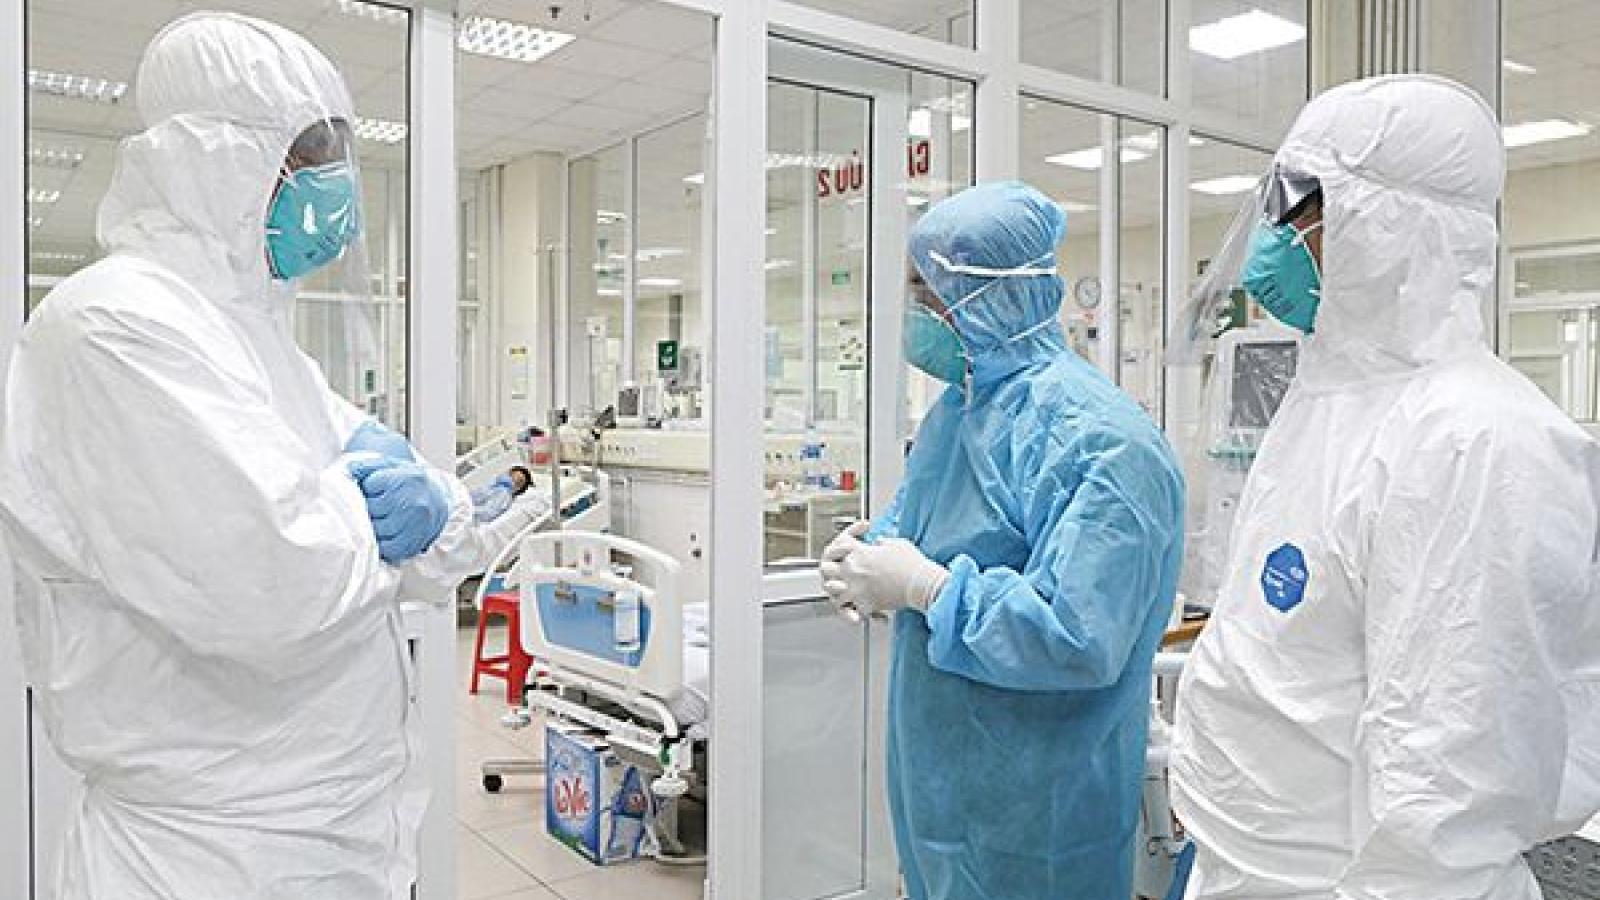 Giới chuyên gia khuyến cáo Bắc Ninh điều trị tập trung bệnh nhân COVID-19